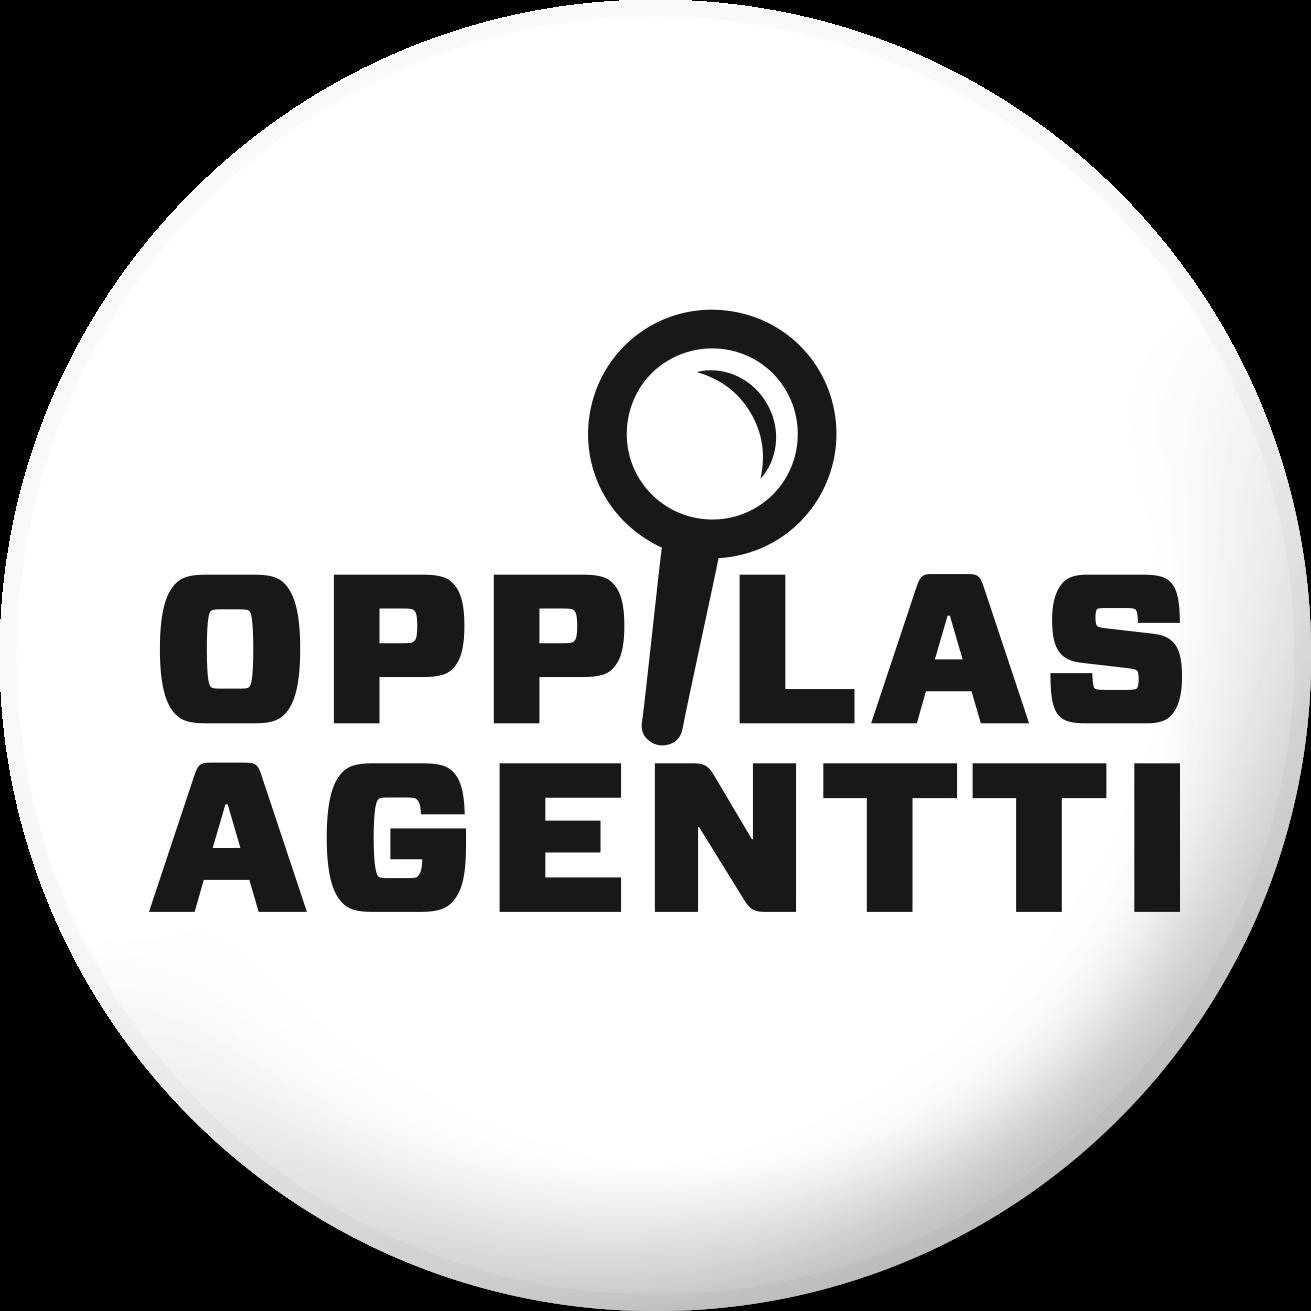 Valkoinen, pyöreä logo, jossa teksti OppilasAgentti.